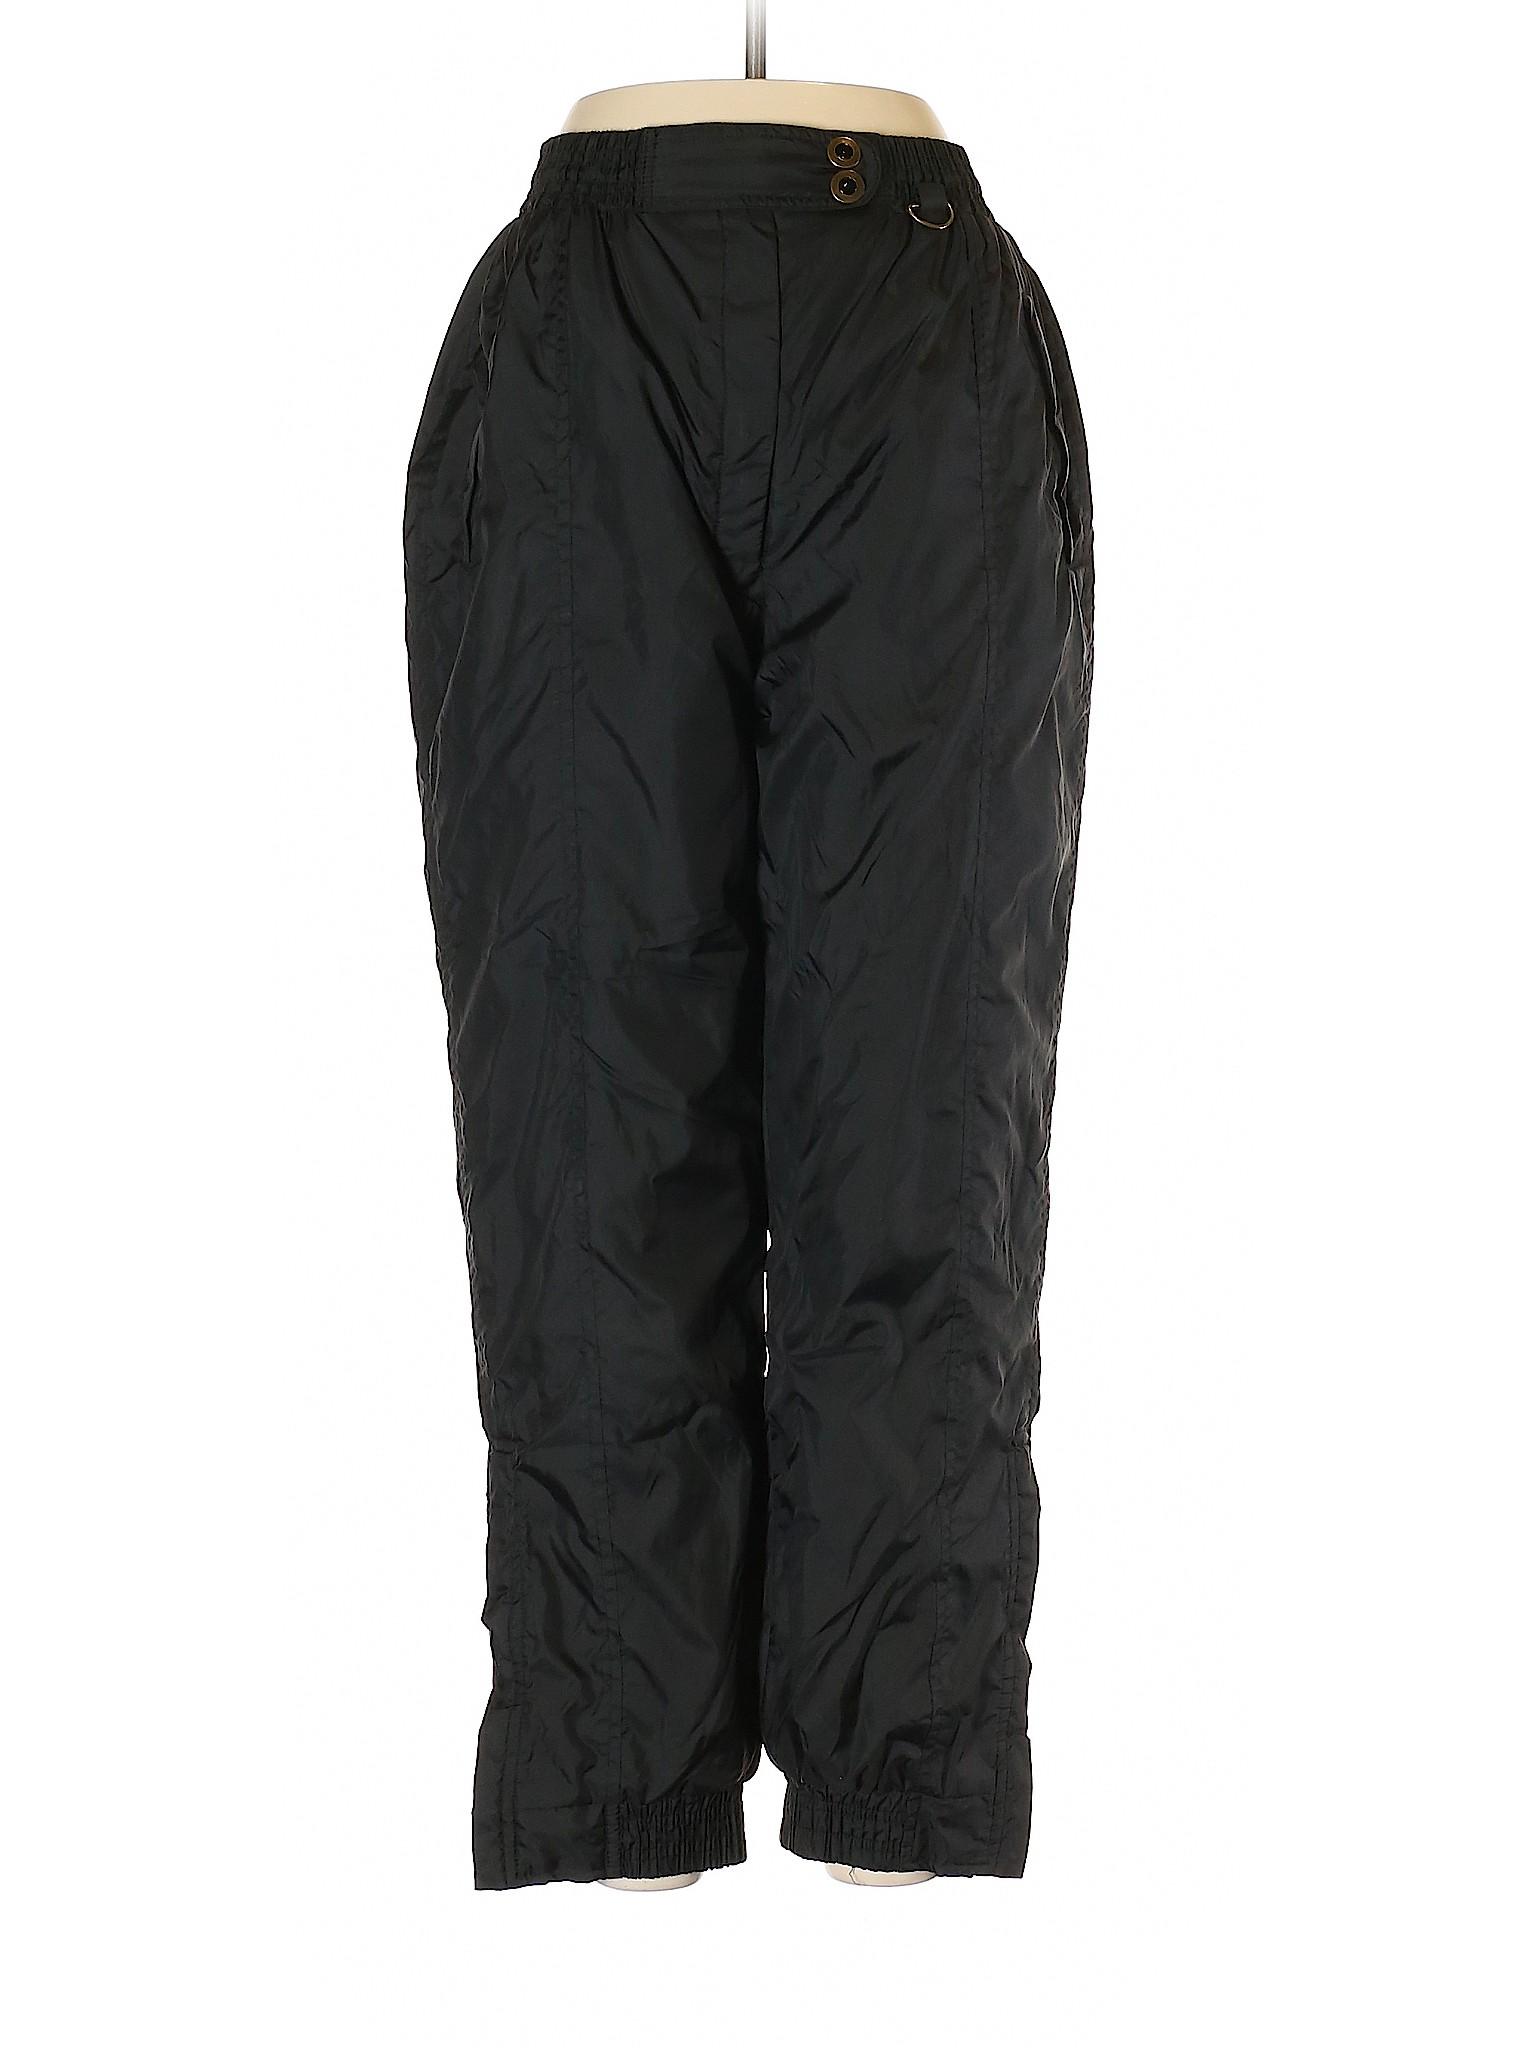 729381b52 Details about Hunt Club Women Black Snow Pants Med Petite